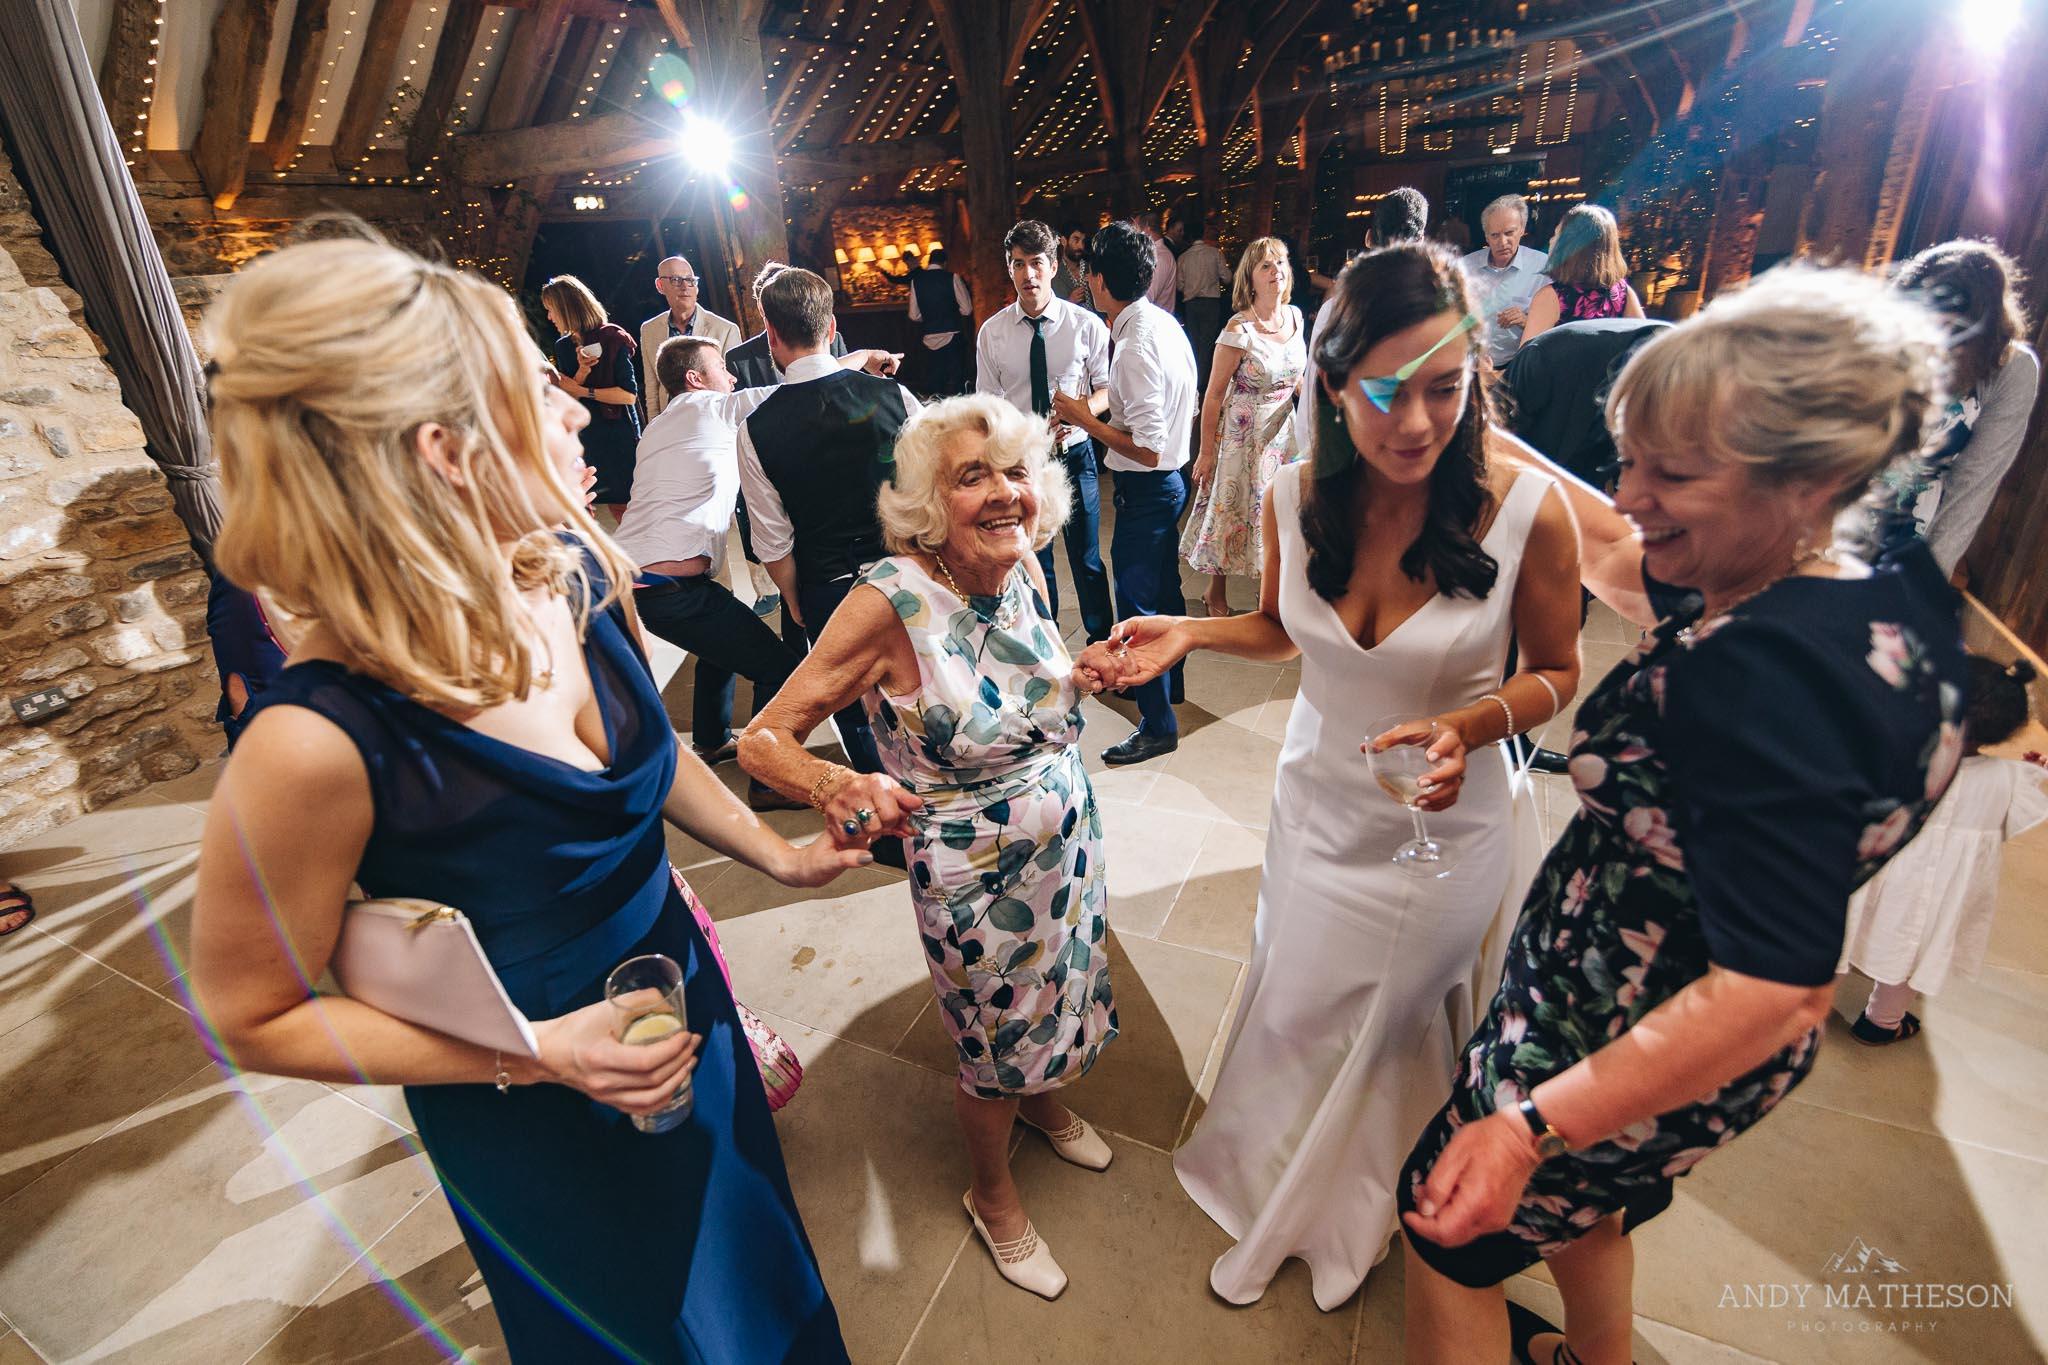 Tithe Barn Bolton Abbey Wedding Photographer_Andy Matheson_103.jpg